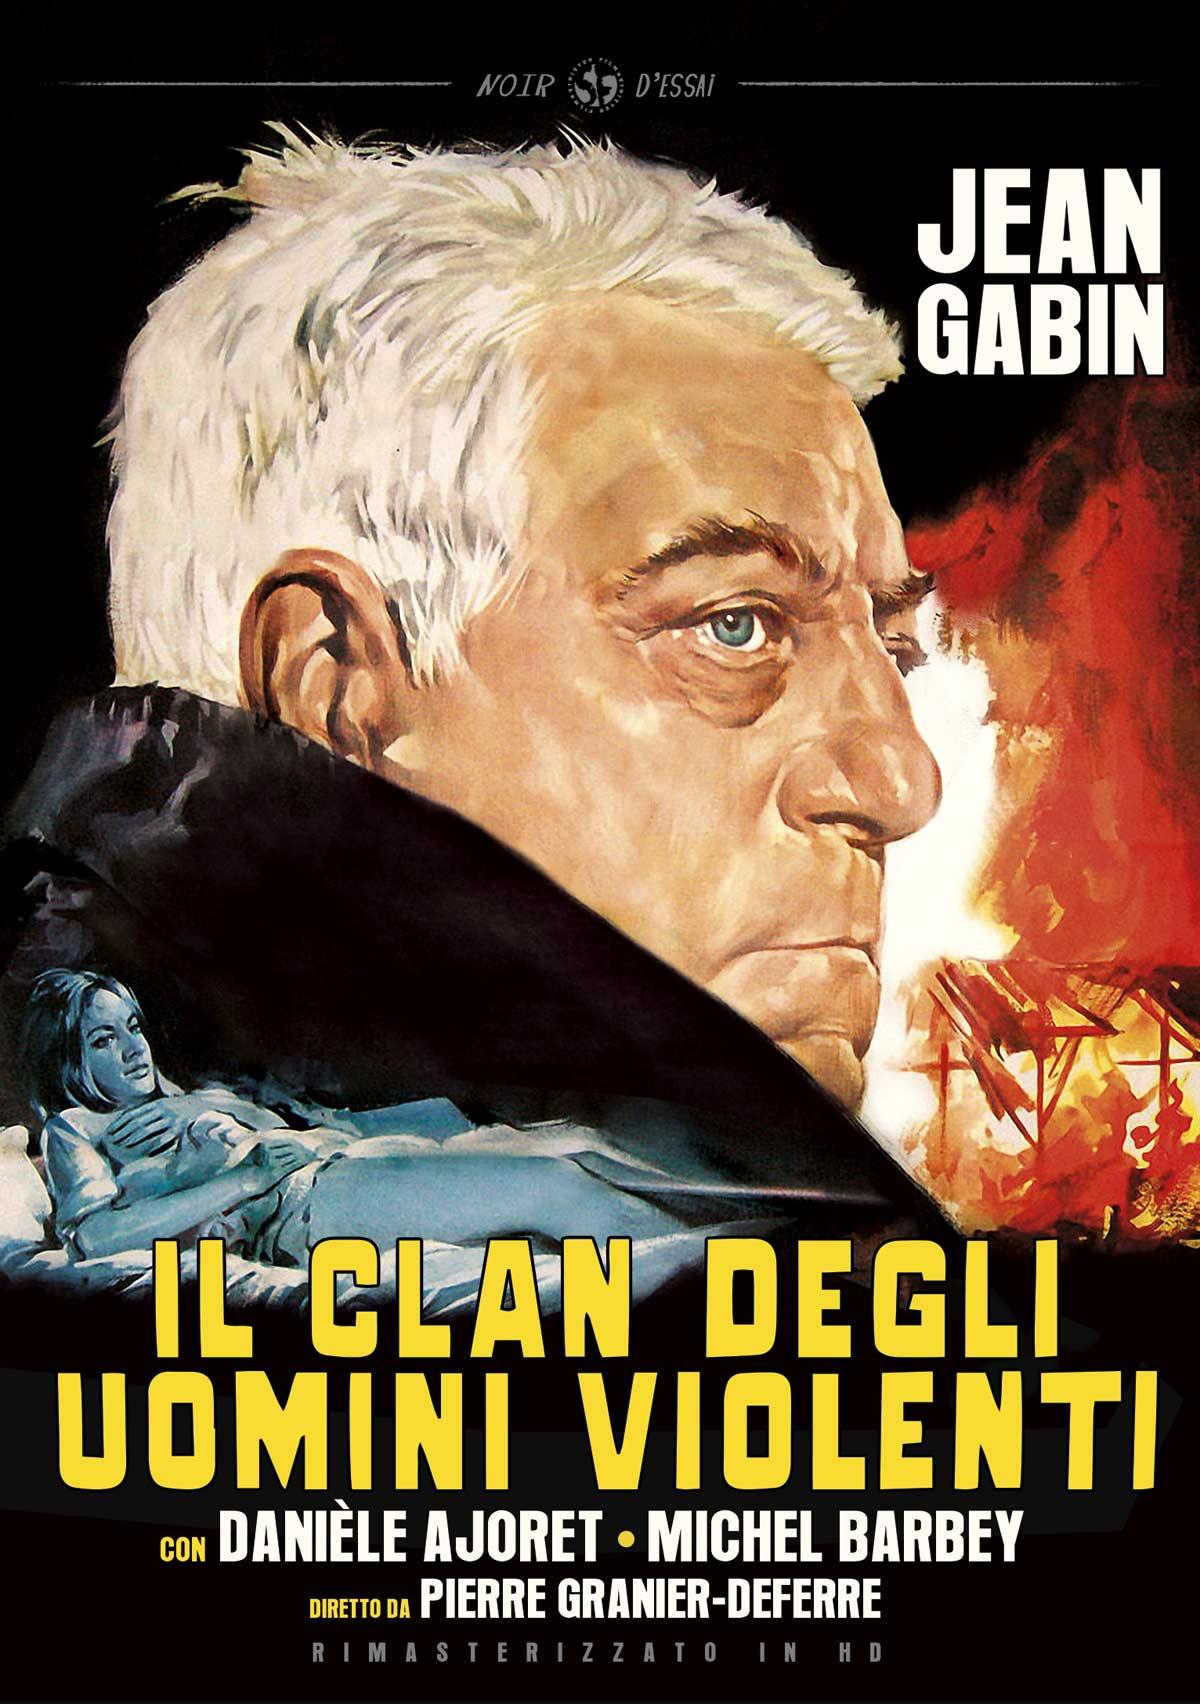 IL CLAN DEGLI UOMINI VIOLENTI (RIMASTERIZZATO IN HD) (DVD)